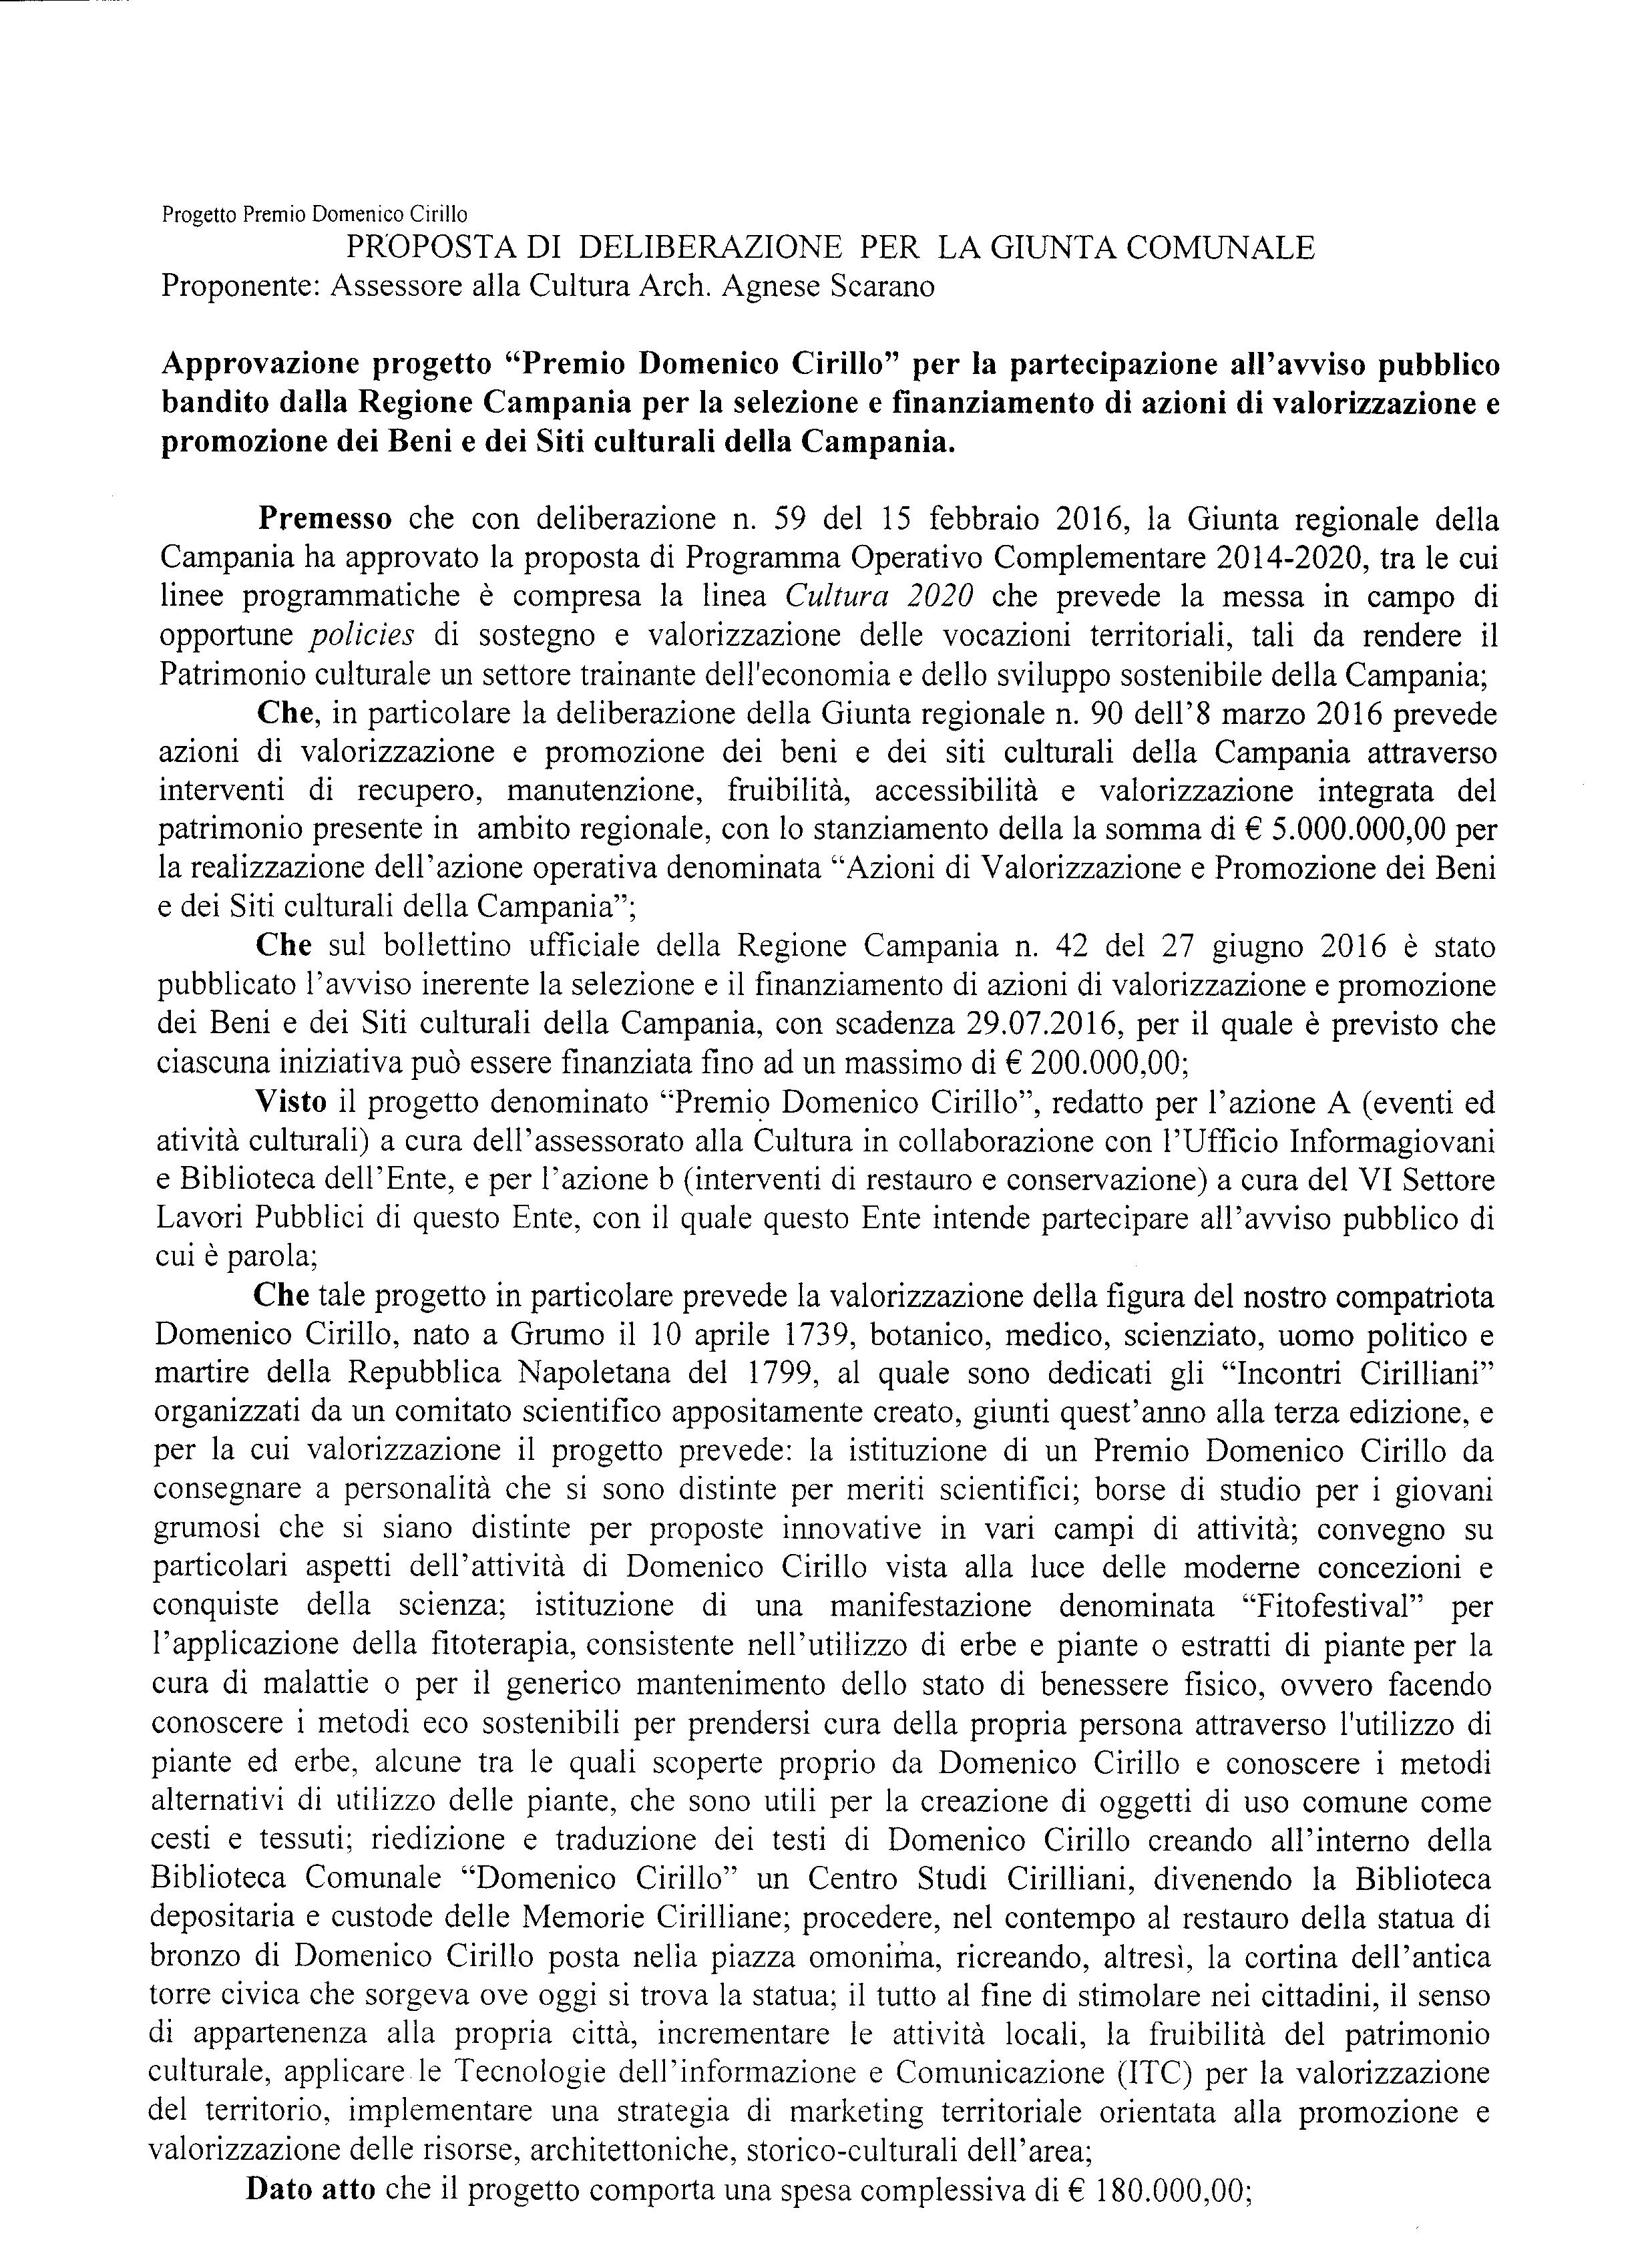 delibera_di_GC_129-2016-1_Pagina_02